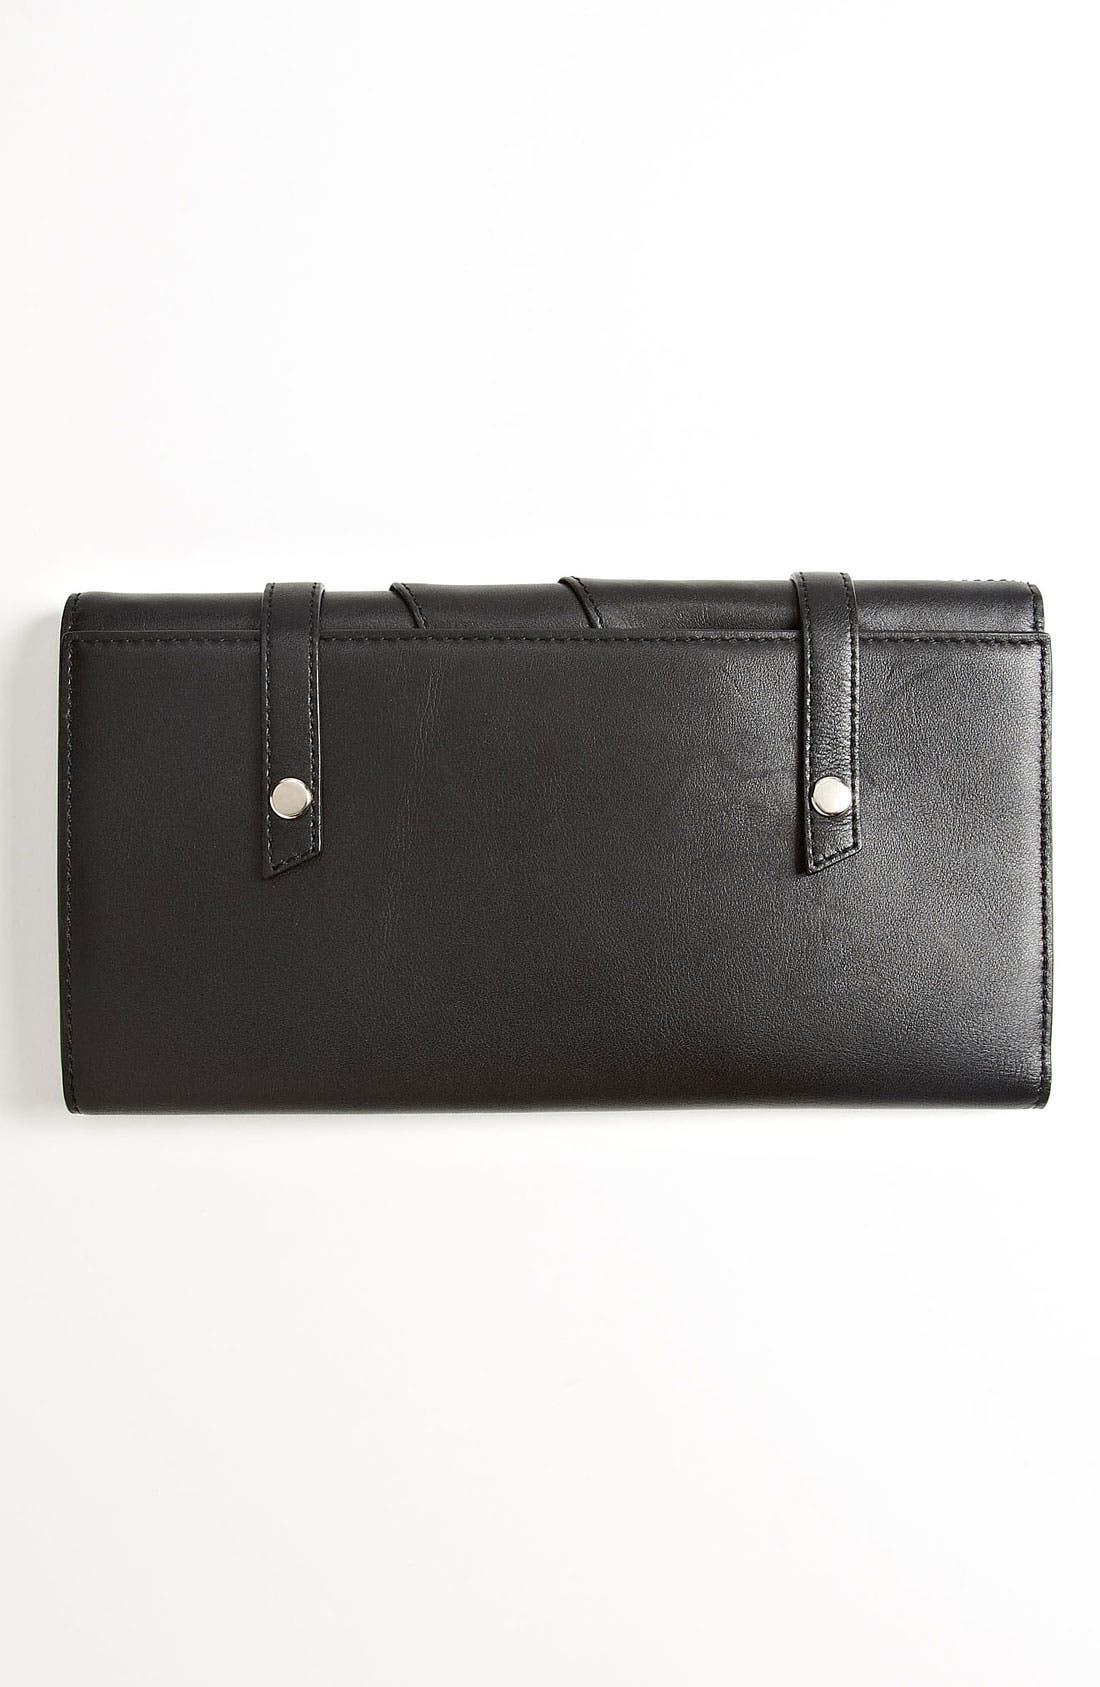 Main Image - WANT Les Essentiels de la Vie 'Manley' Tri-Fold Wallet